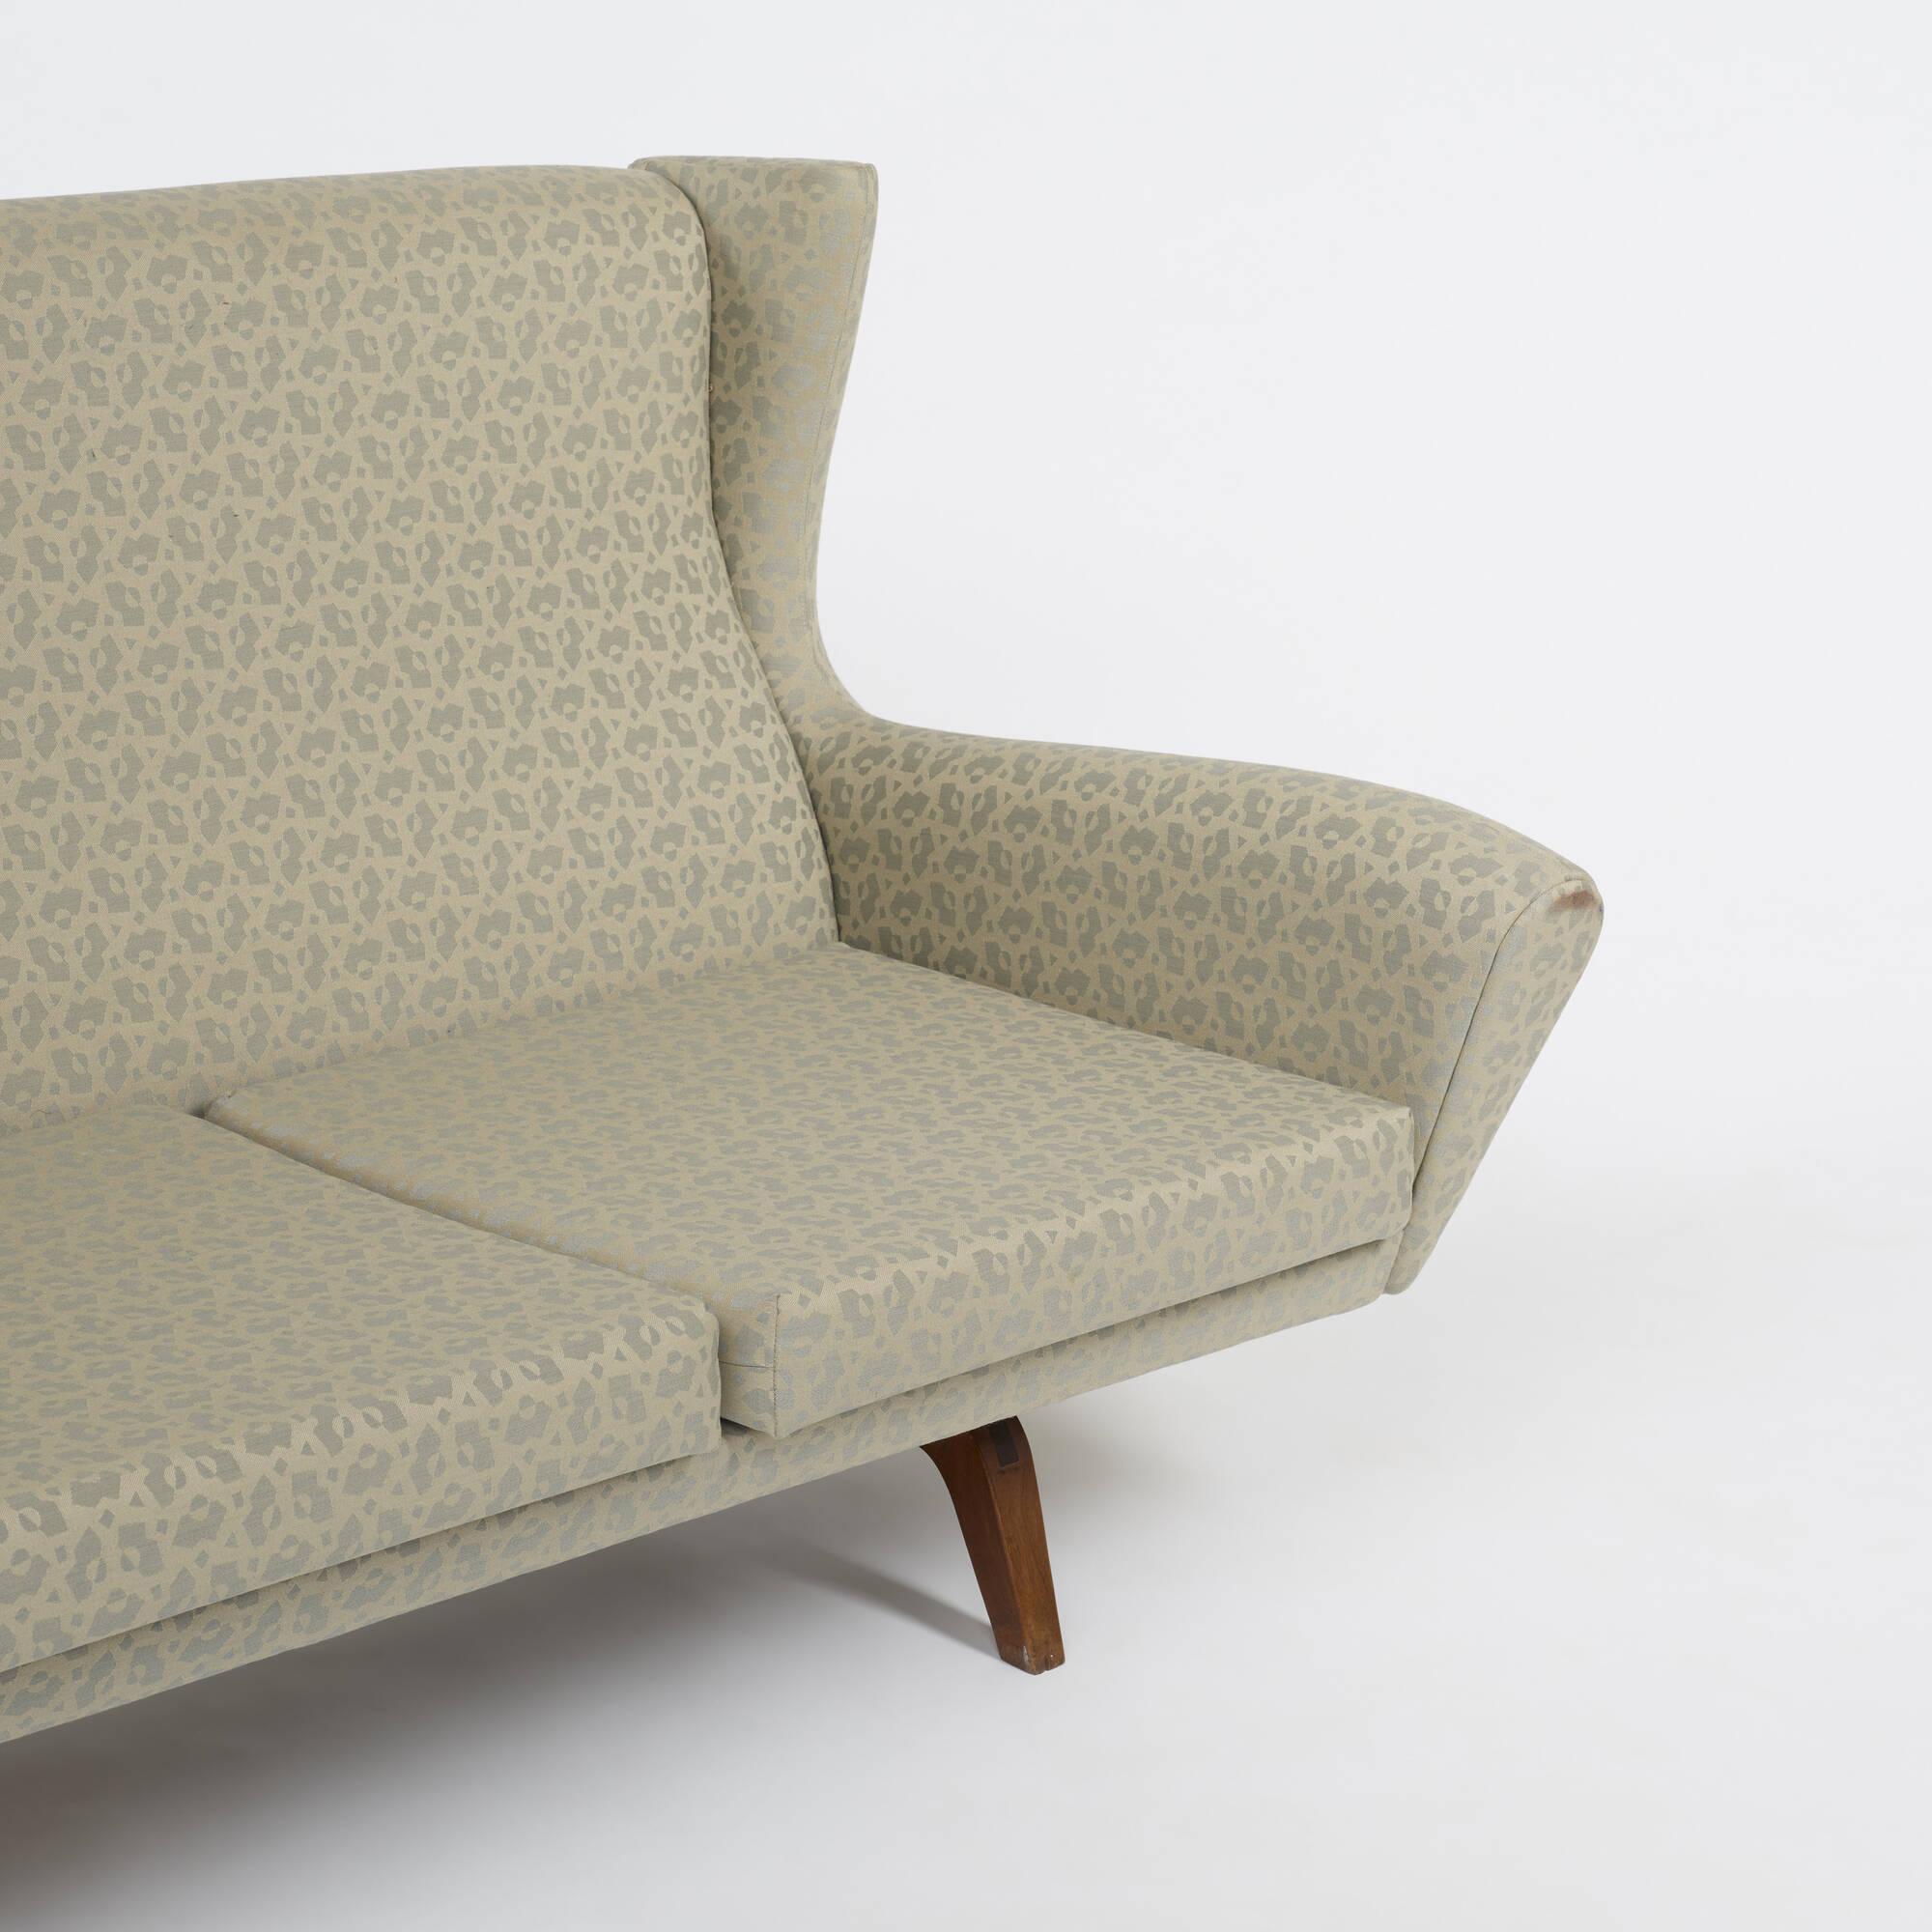 304: Illum Wikkelsø / sofa, model 110 (4 of 4)